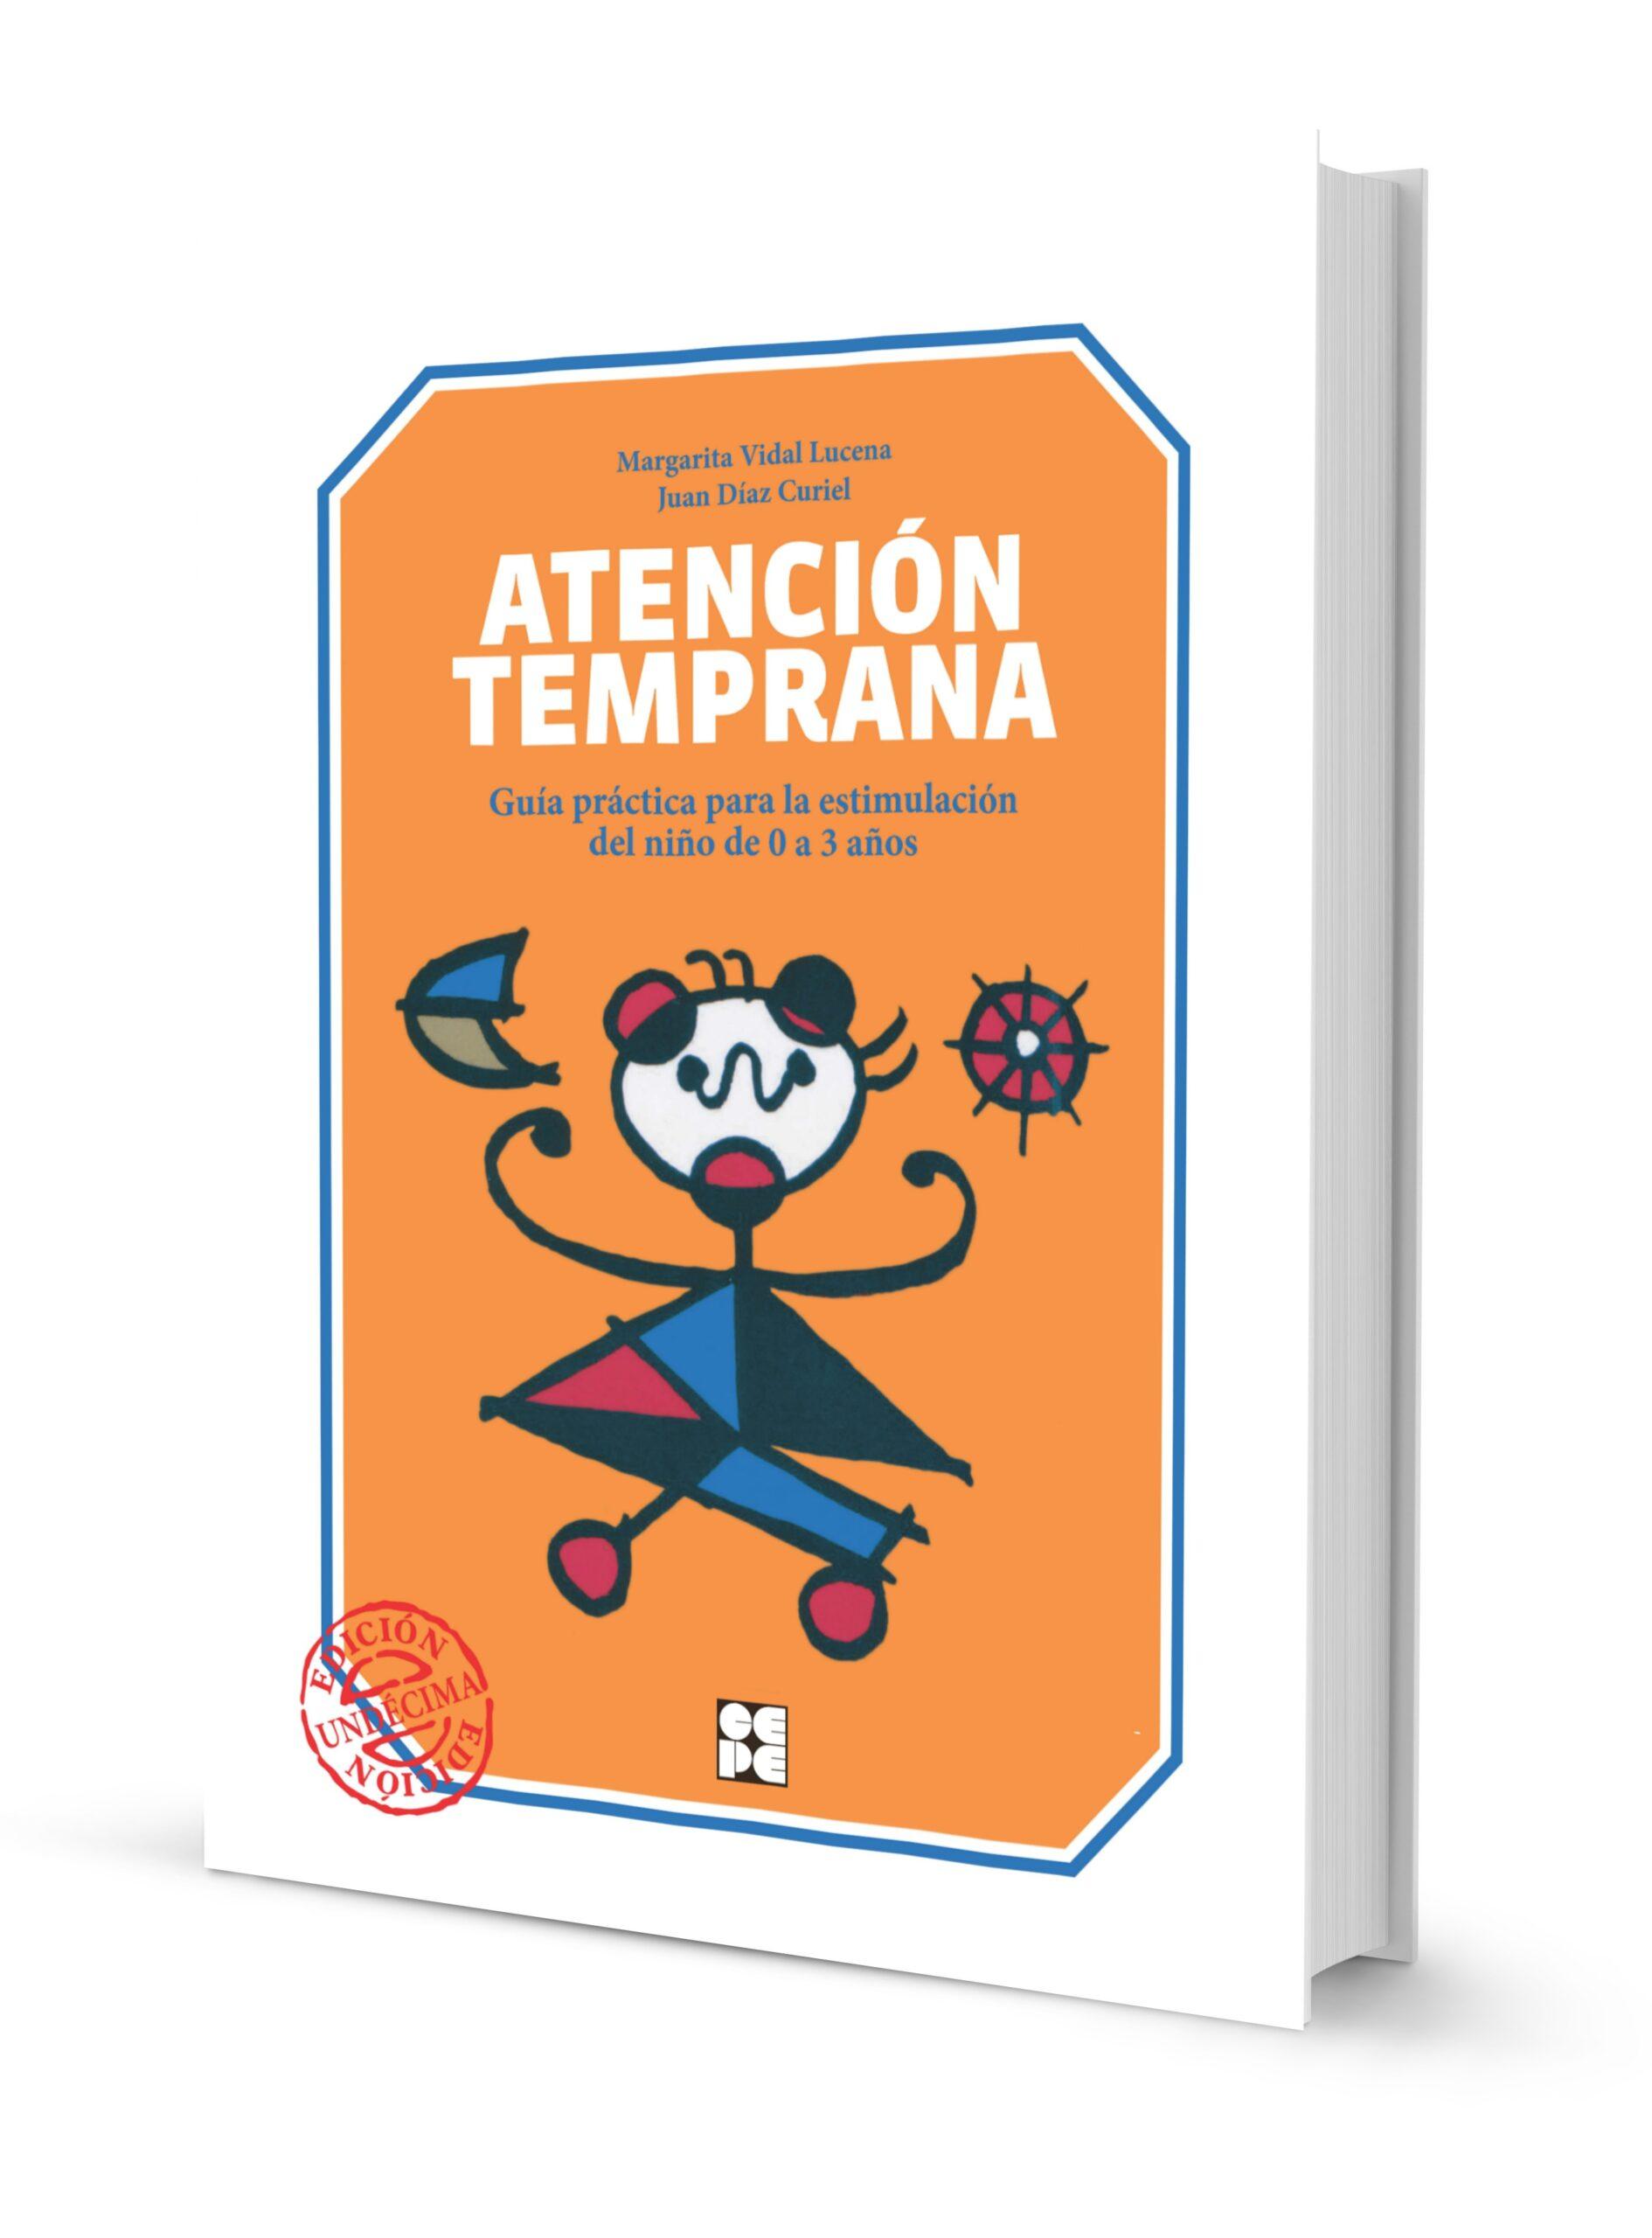 Atención Temprana. Guía práctica para la estimulación del niño de 0 a 3 años